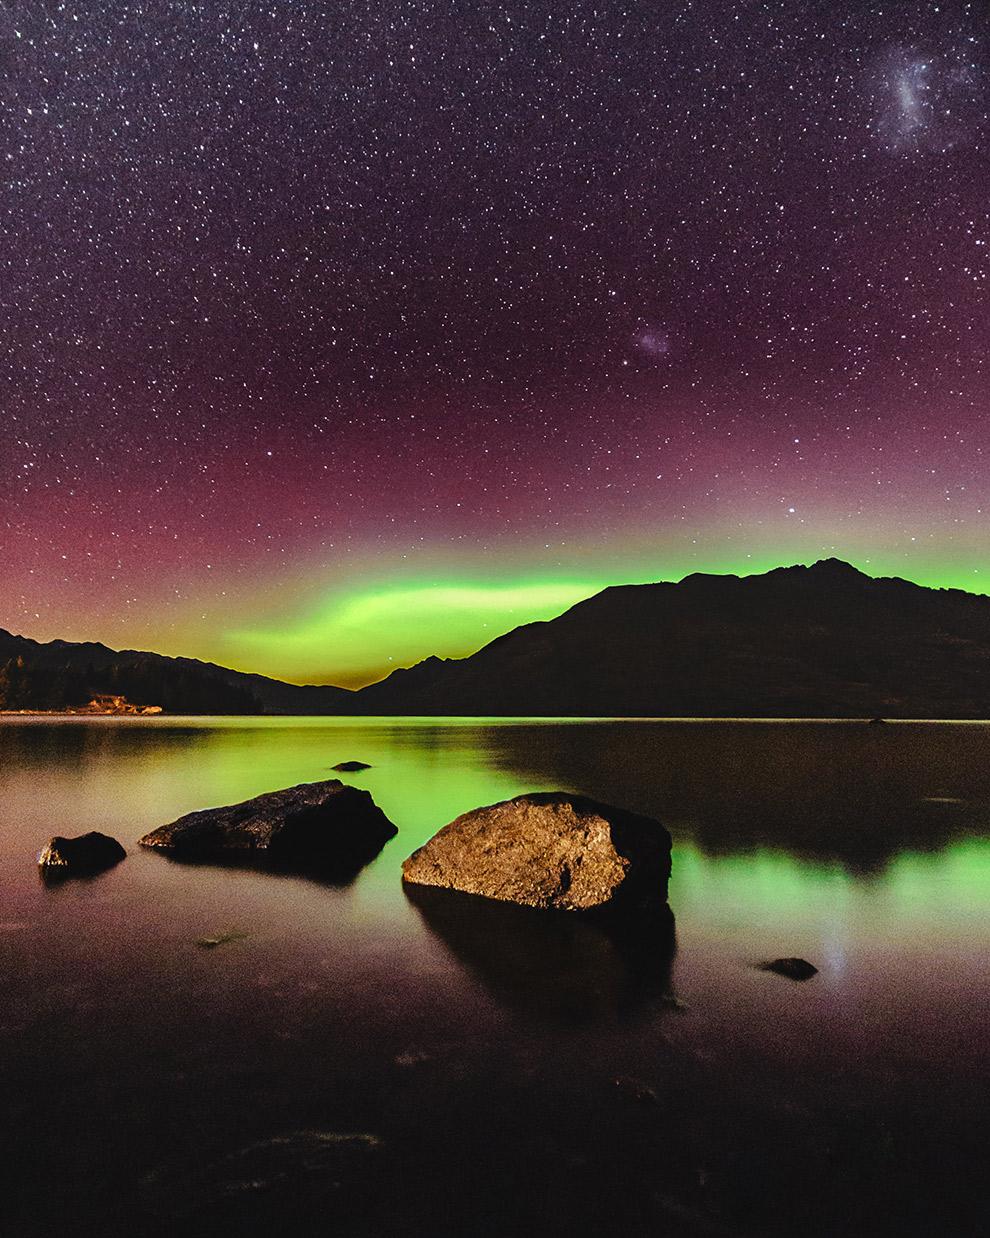 Paarse sterrenhemel met groen zuiderlicht dat in het water reflecteert